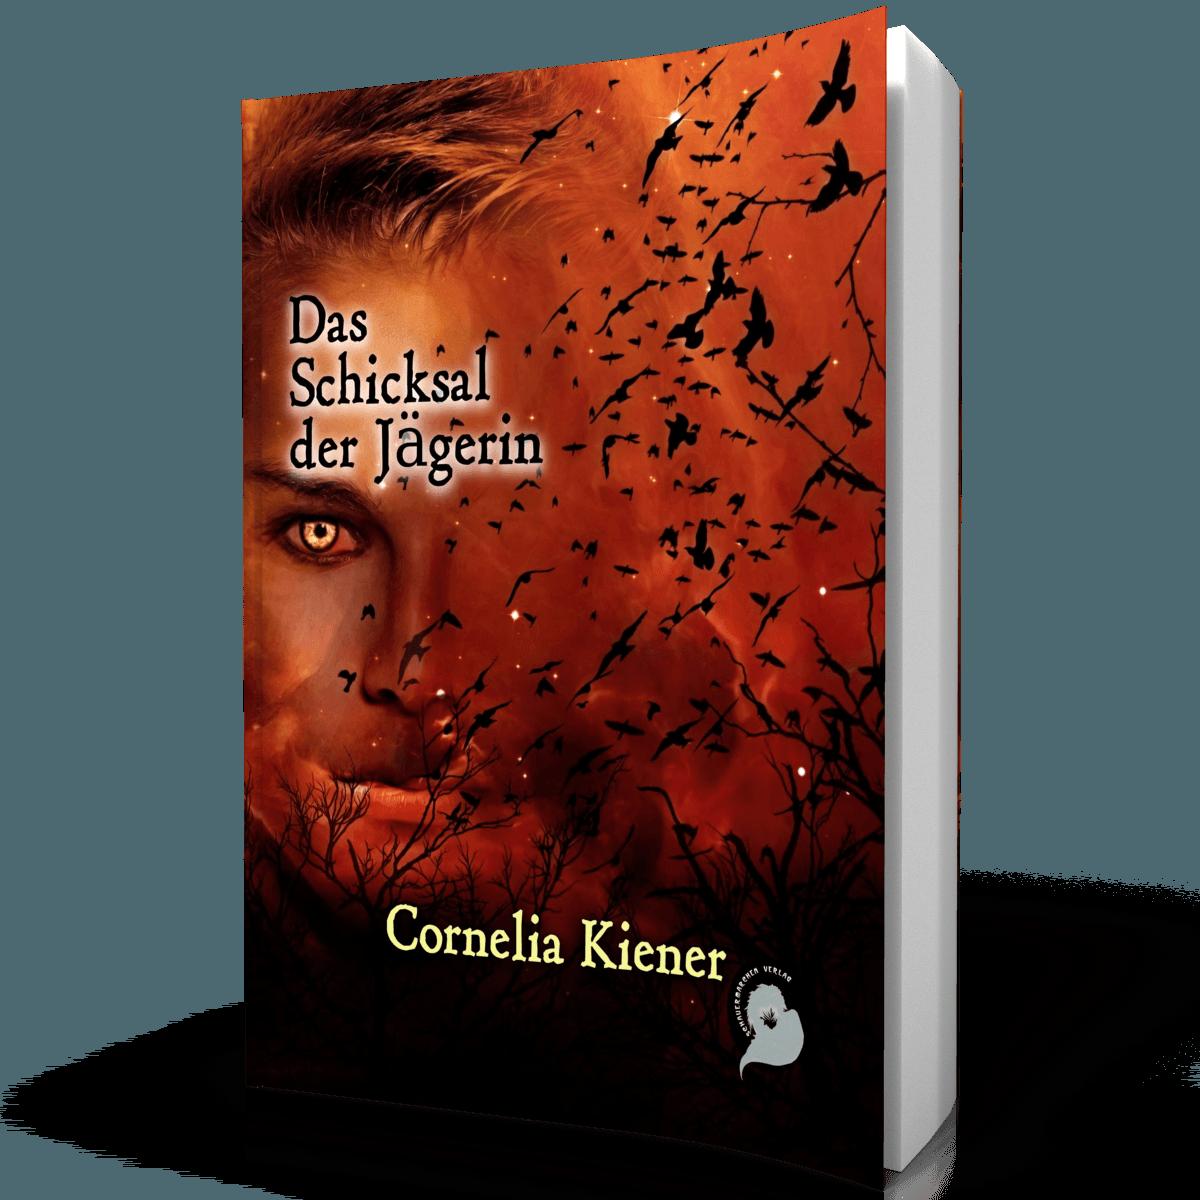 """Symbolabbildung: Buch """"Das Schicksal der Jägerin"""" von Cornelia Kiener"""